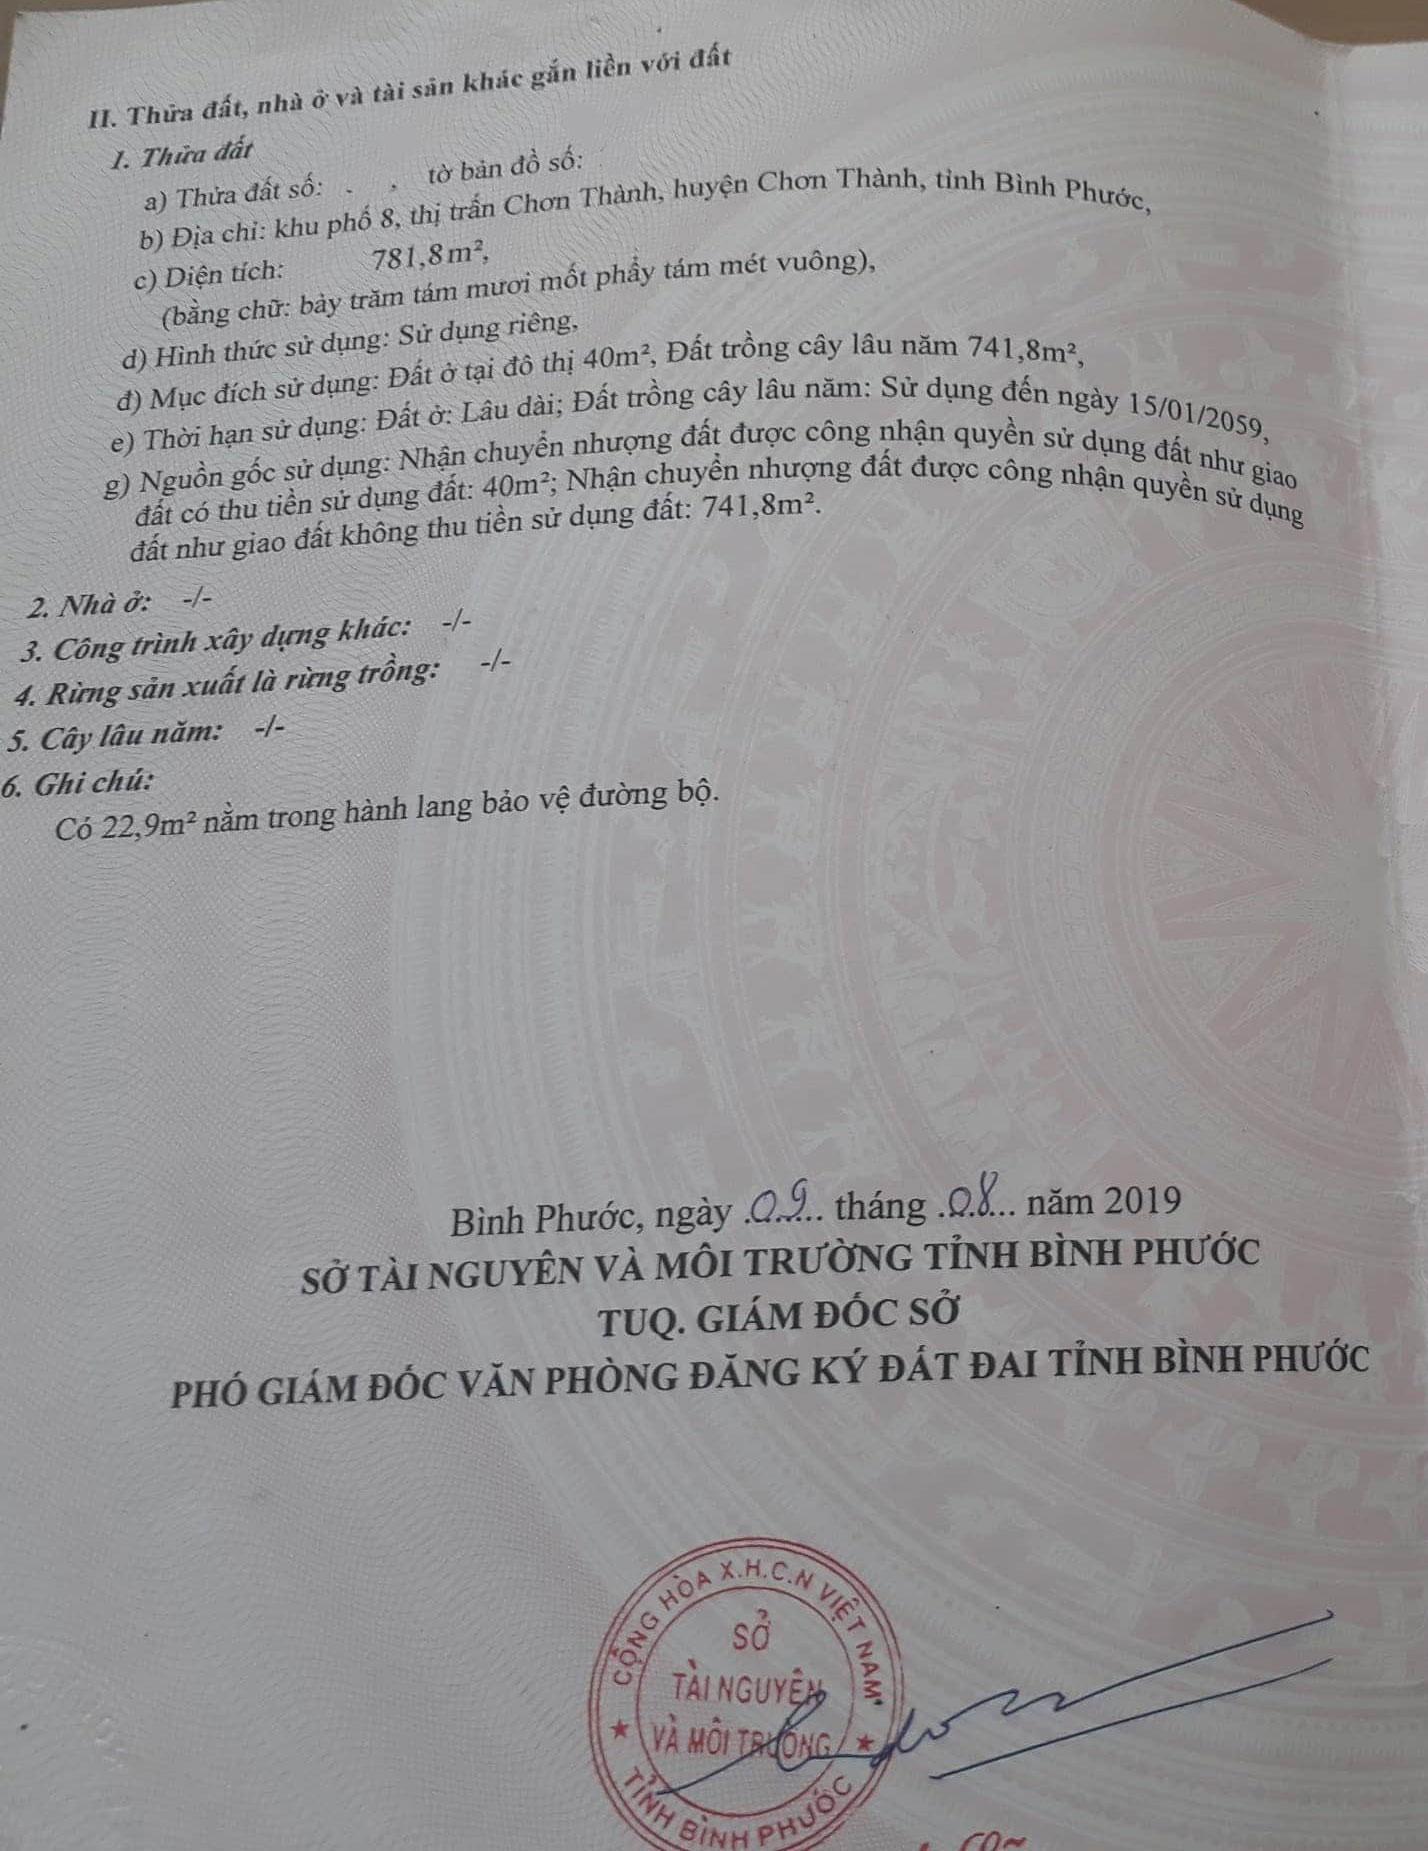 Bán đất khu phố 8 thị trấn Chơn Thành